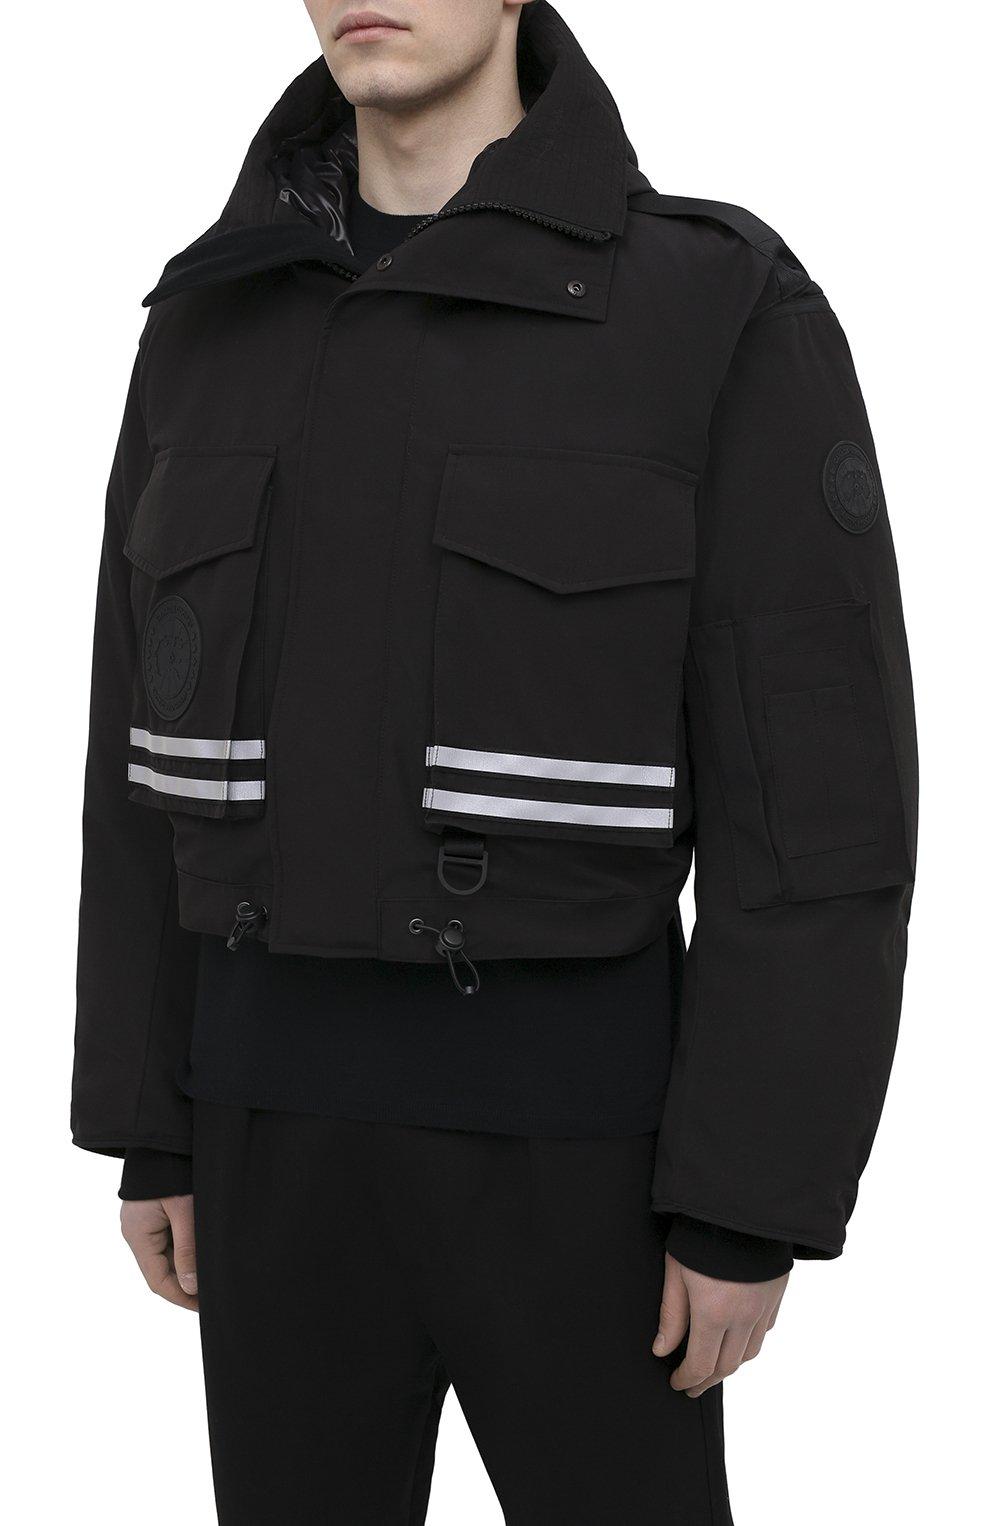 Мужская пуховая парка snow mantra CANADA GOOSE черного цвета, арт. 8800MC   Фото 7 (Кросс-КТ: Куртка; Мужское Кросс-КТ: пуховик-короткий; Рукава: Короткие; Материал внешний: Синтетический материал; Стили: Спорт-шик; Материал подклада: Синтетический материал)